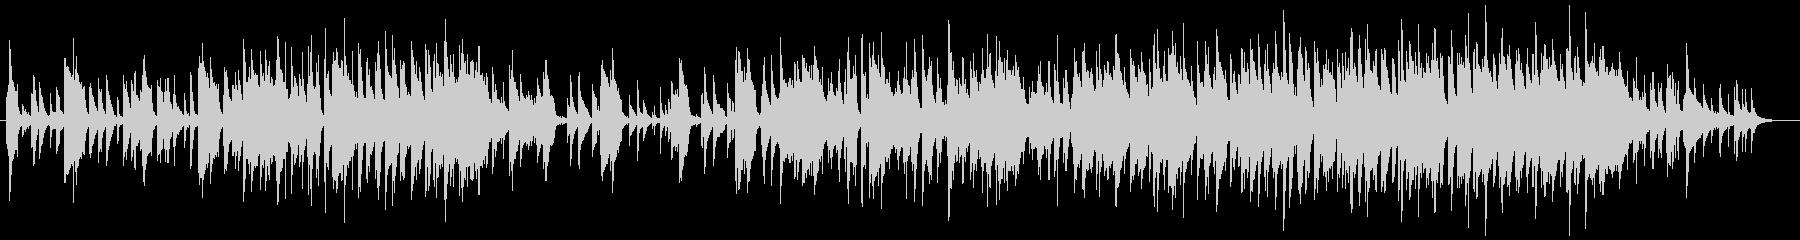 おしゃれなバーのピアノBGMの未再生の波形